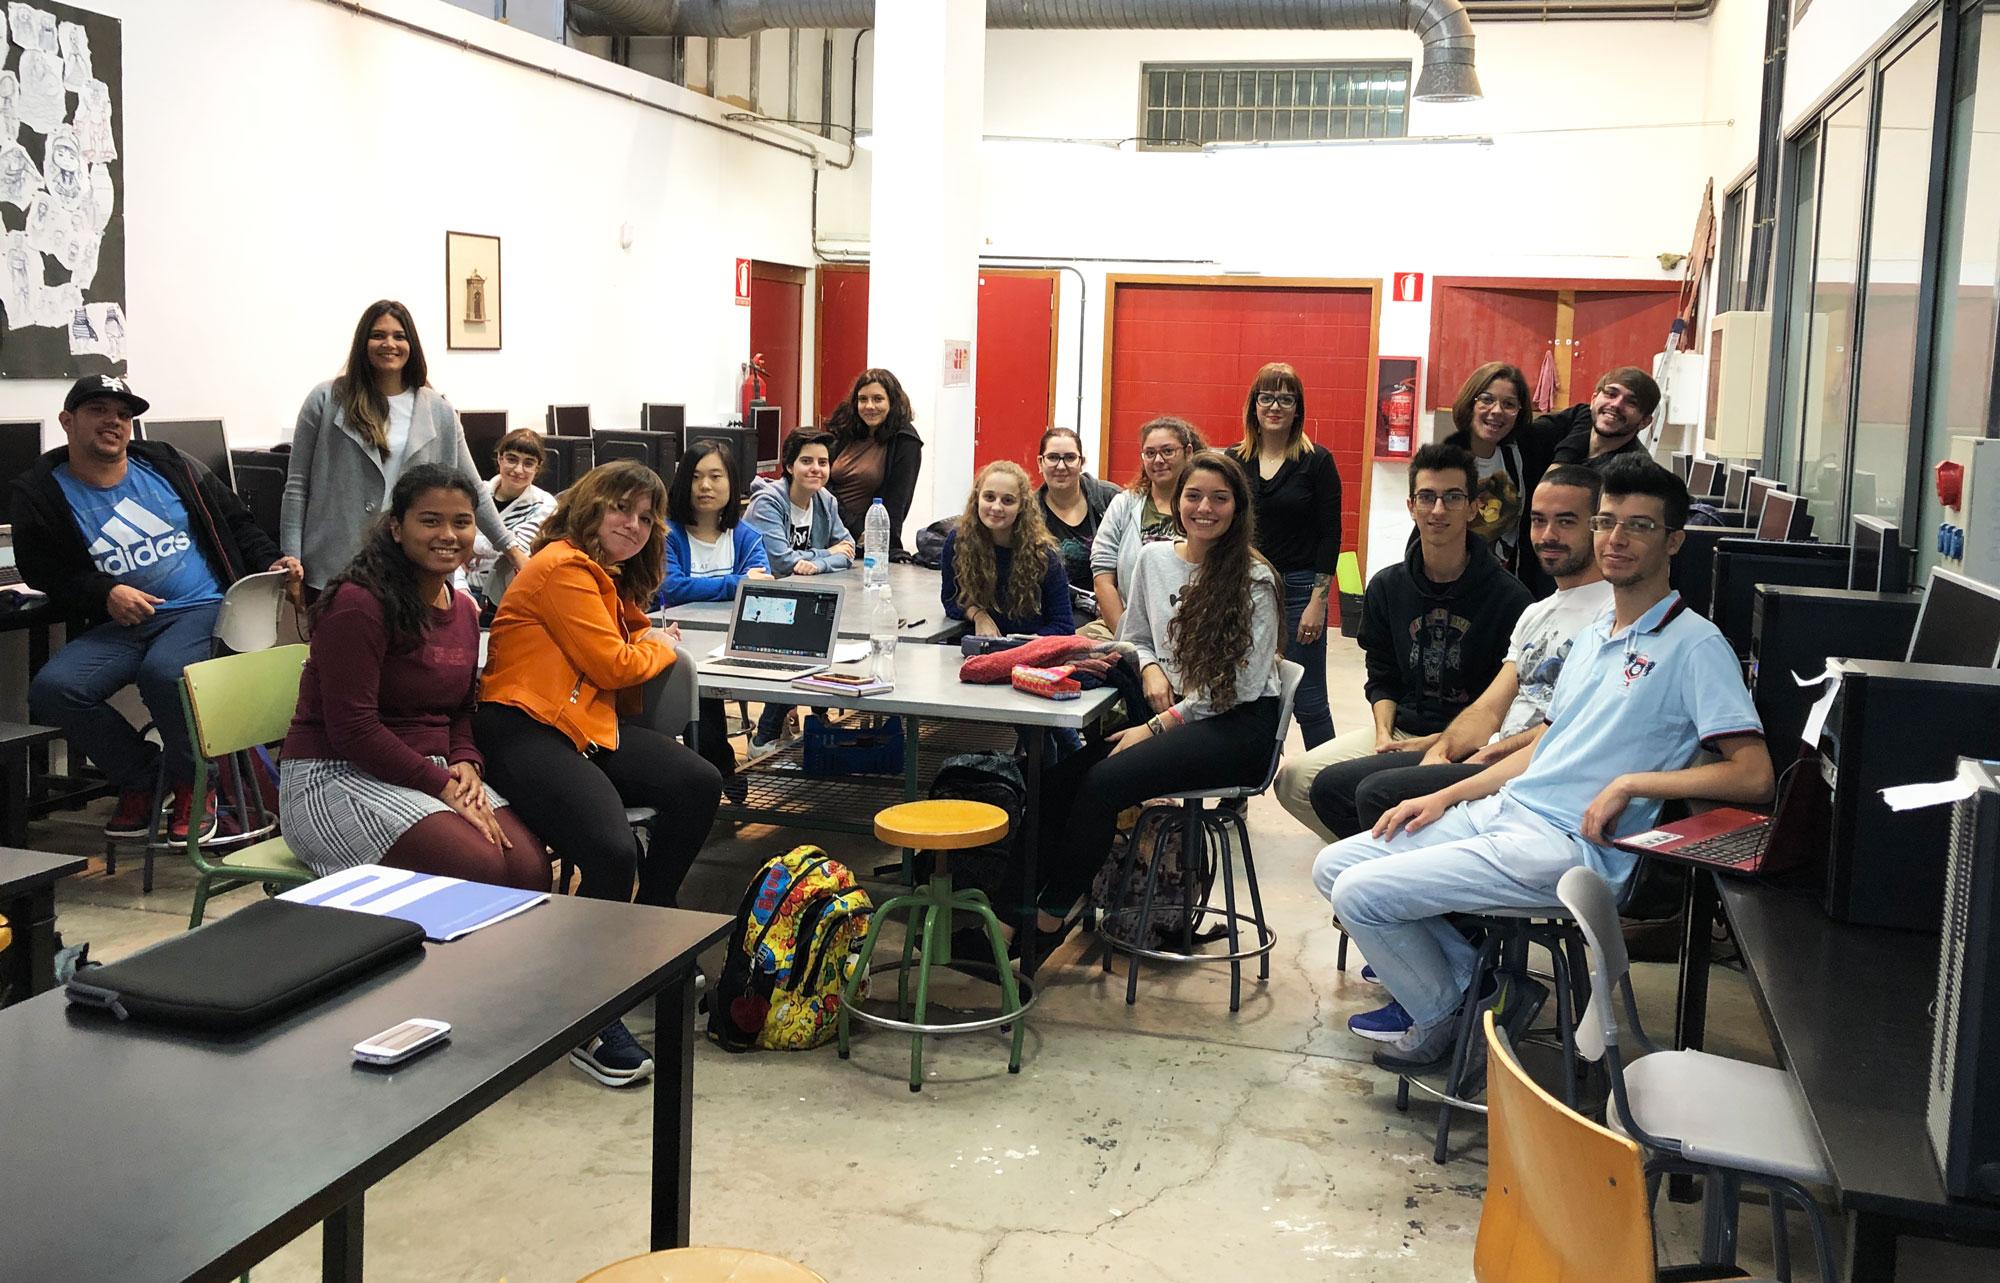 Charla en la Escuela Superior de Diseño de Gran Canaria